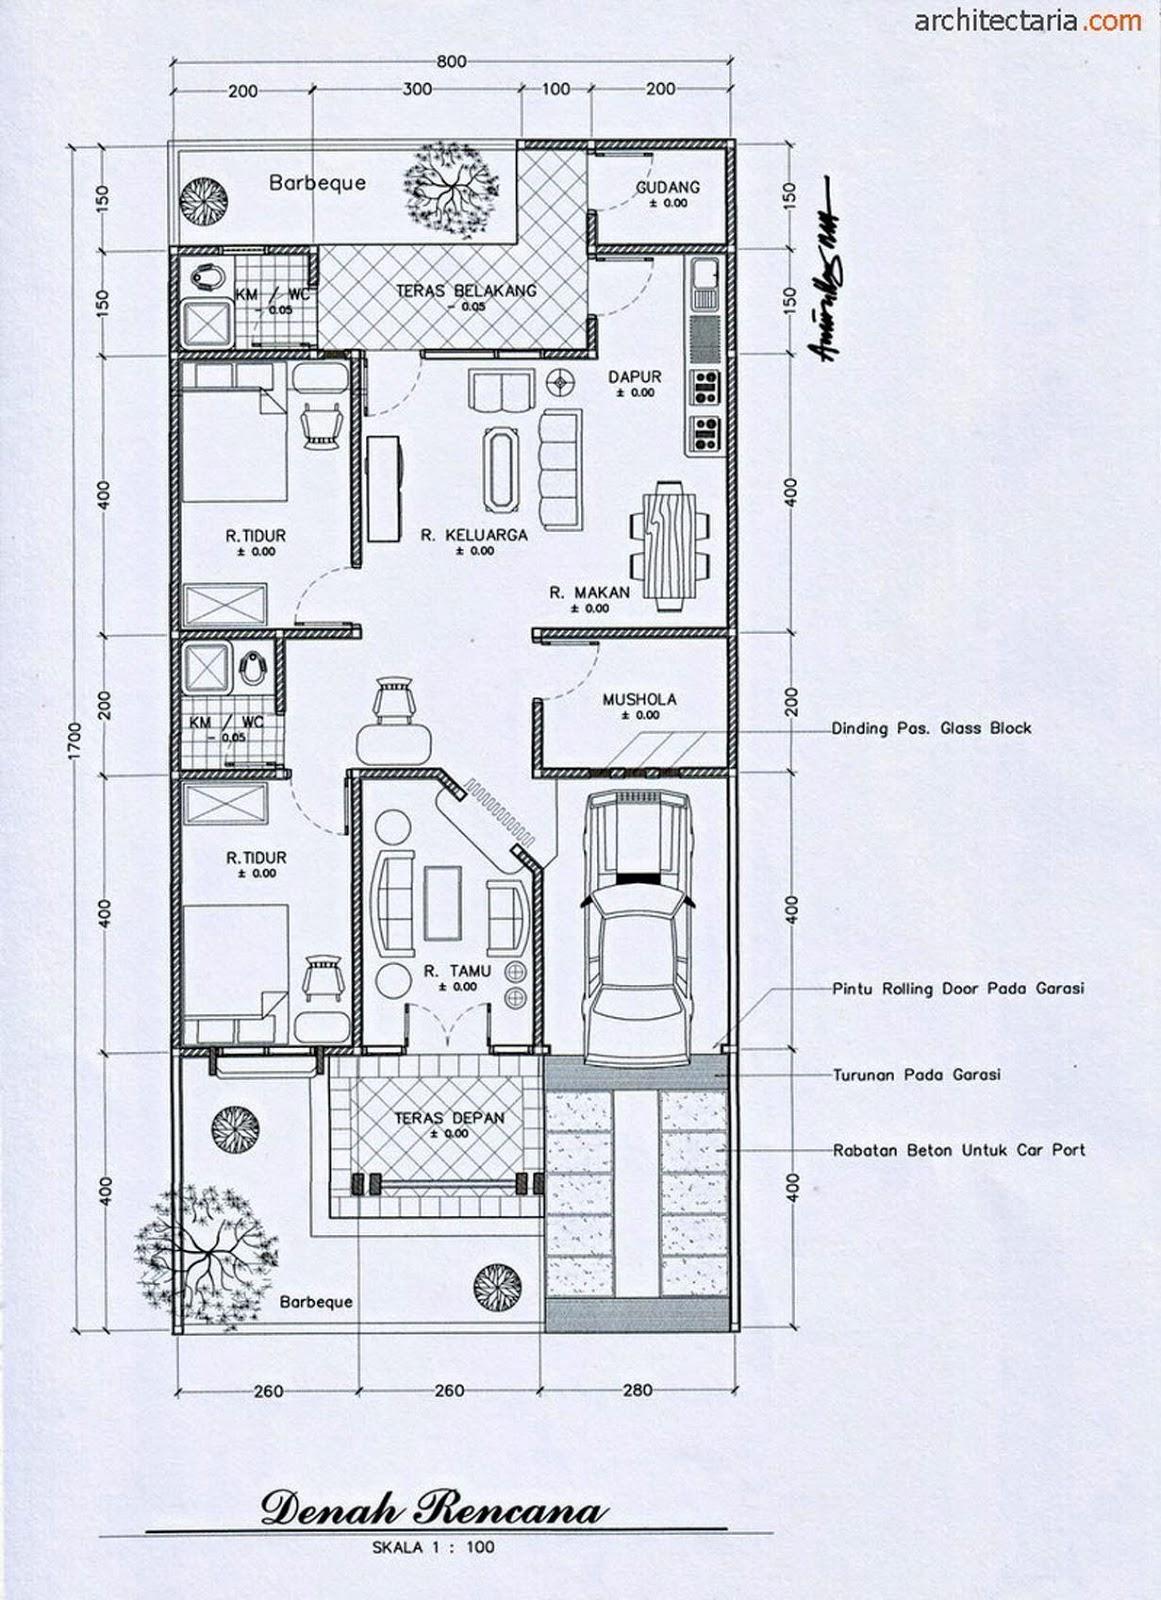 10 Gambar Contoh Denah Rumah Minimalis Modern  Desain Rumah Minimalis